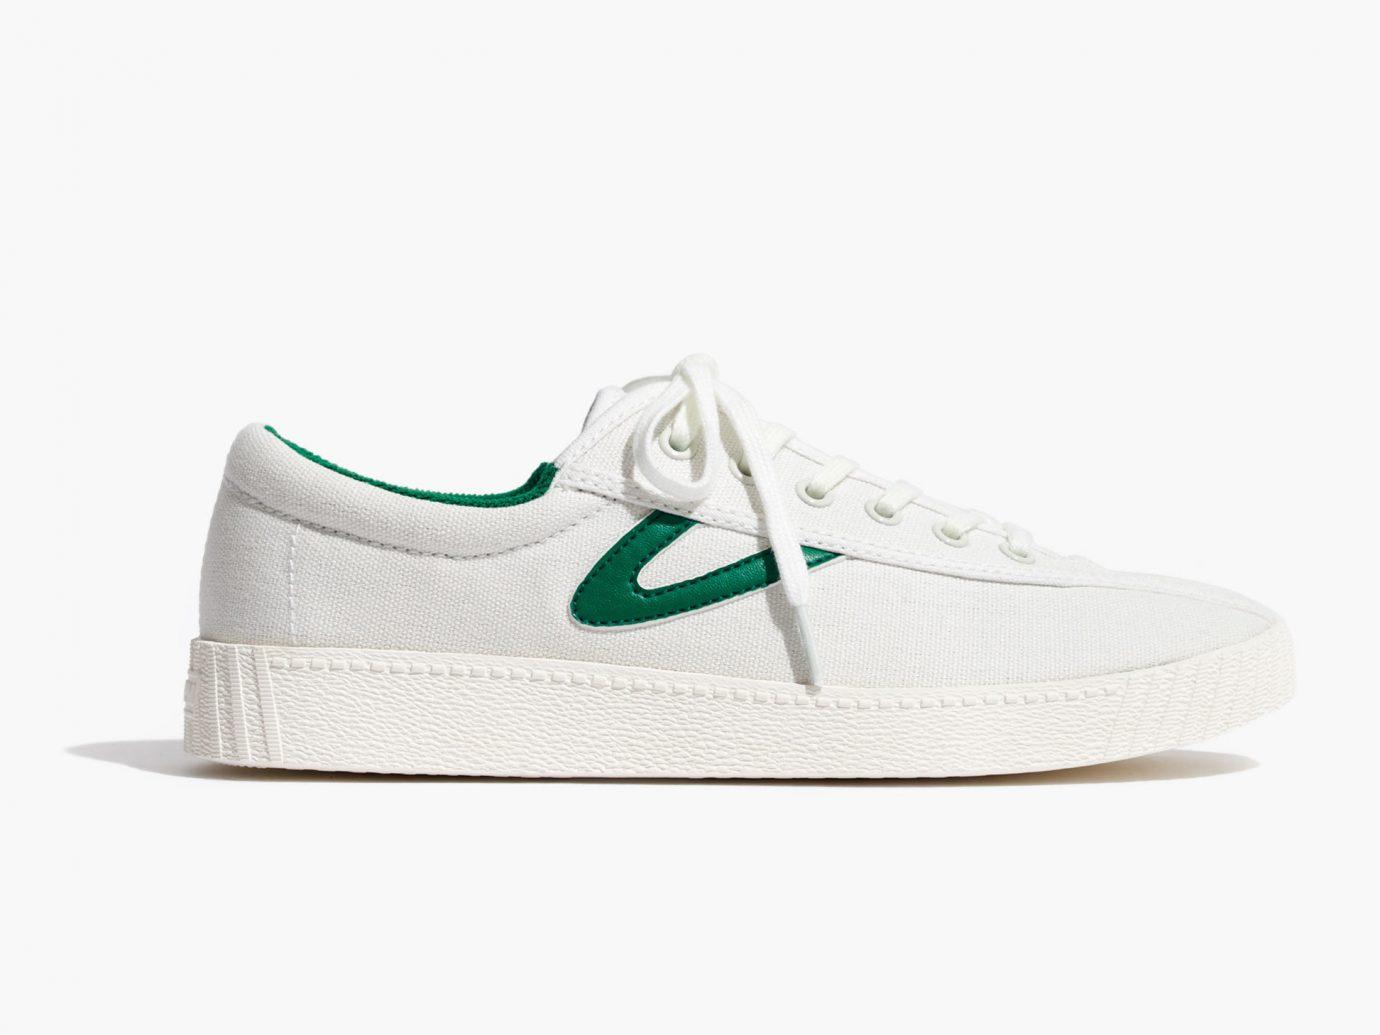 Style + Design footwear shoe white sneakers leather product athletic shoe walking shoe cross training shoe tennis shoe beige